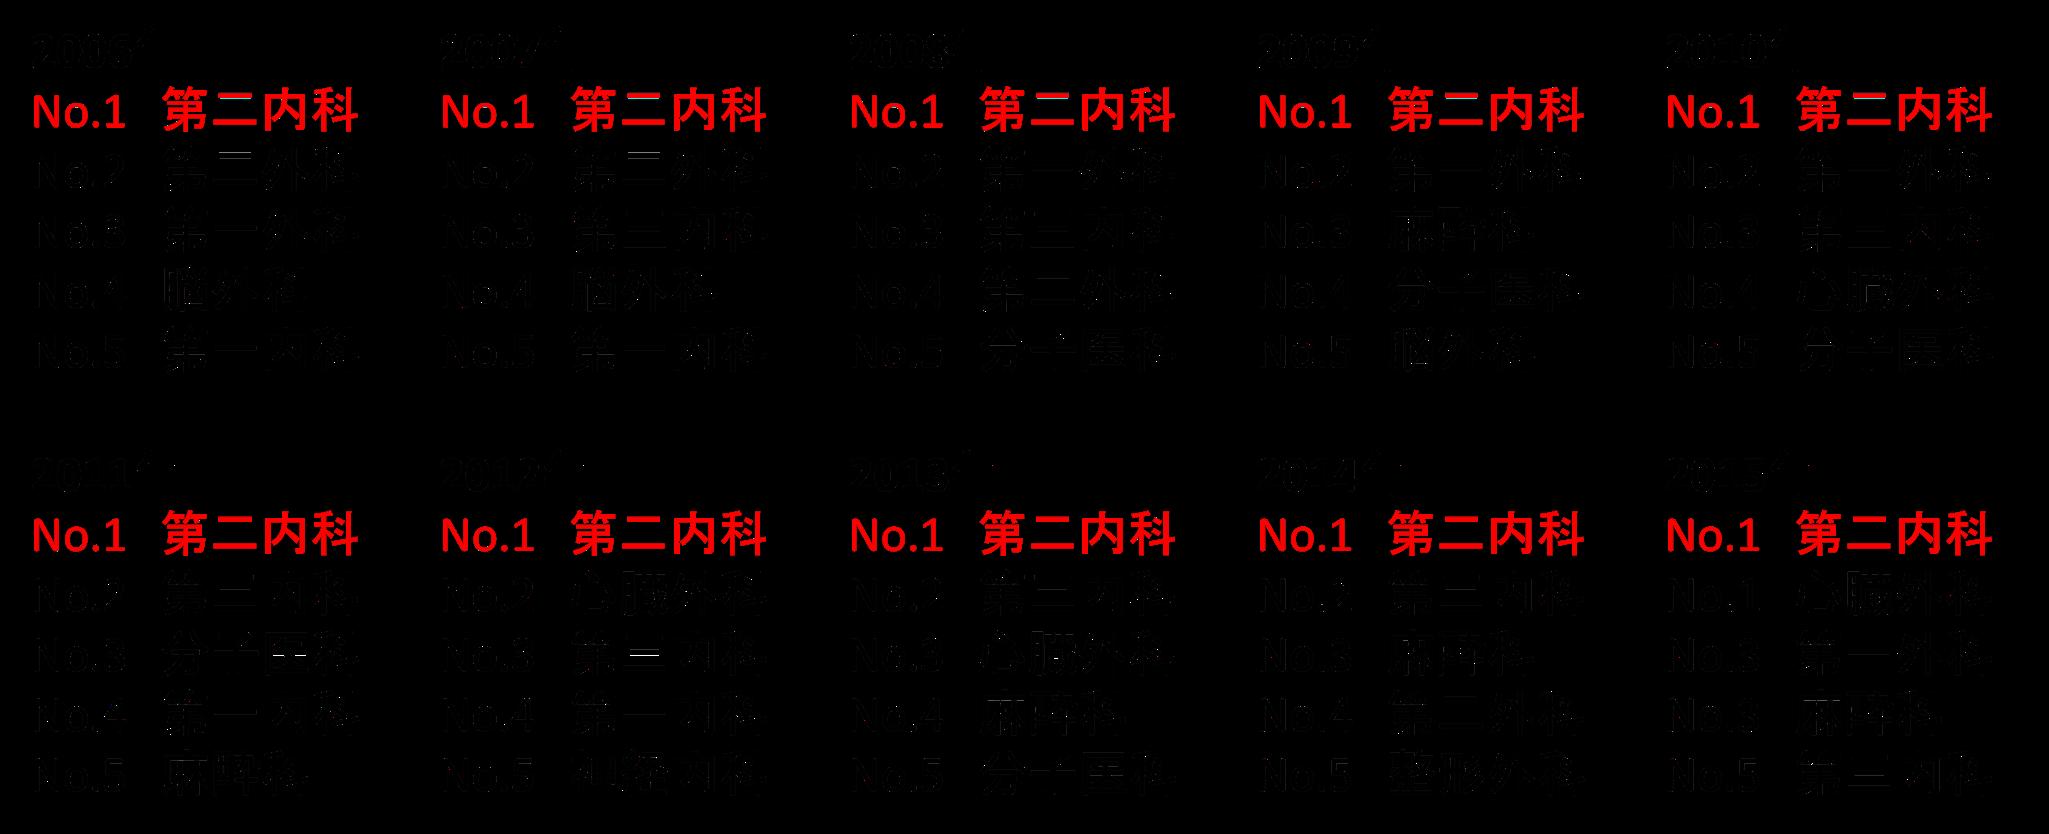 岡山大学からの海外留学者数の推移